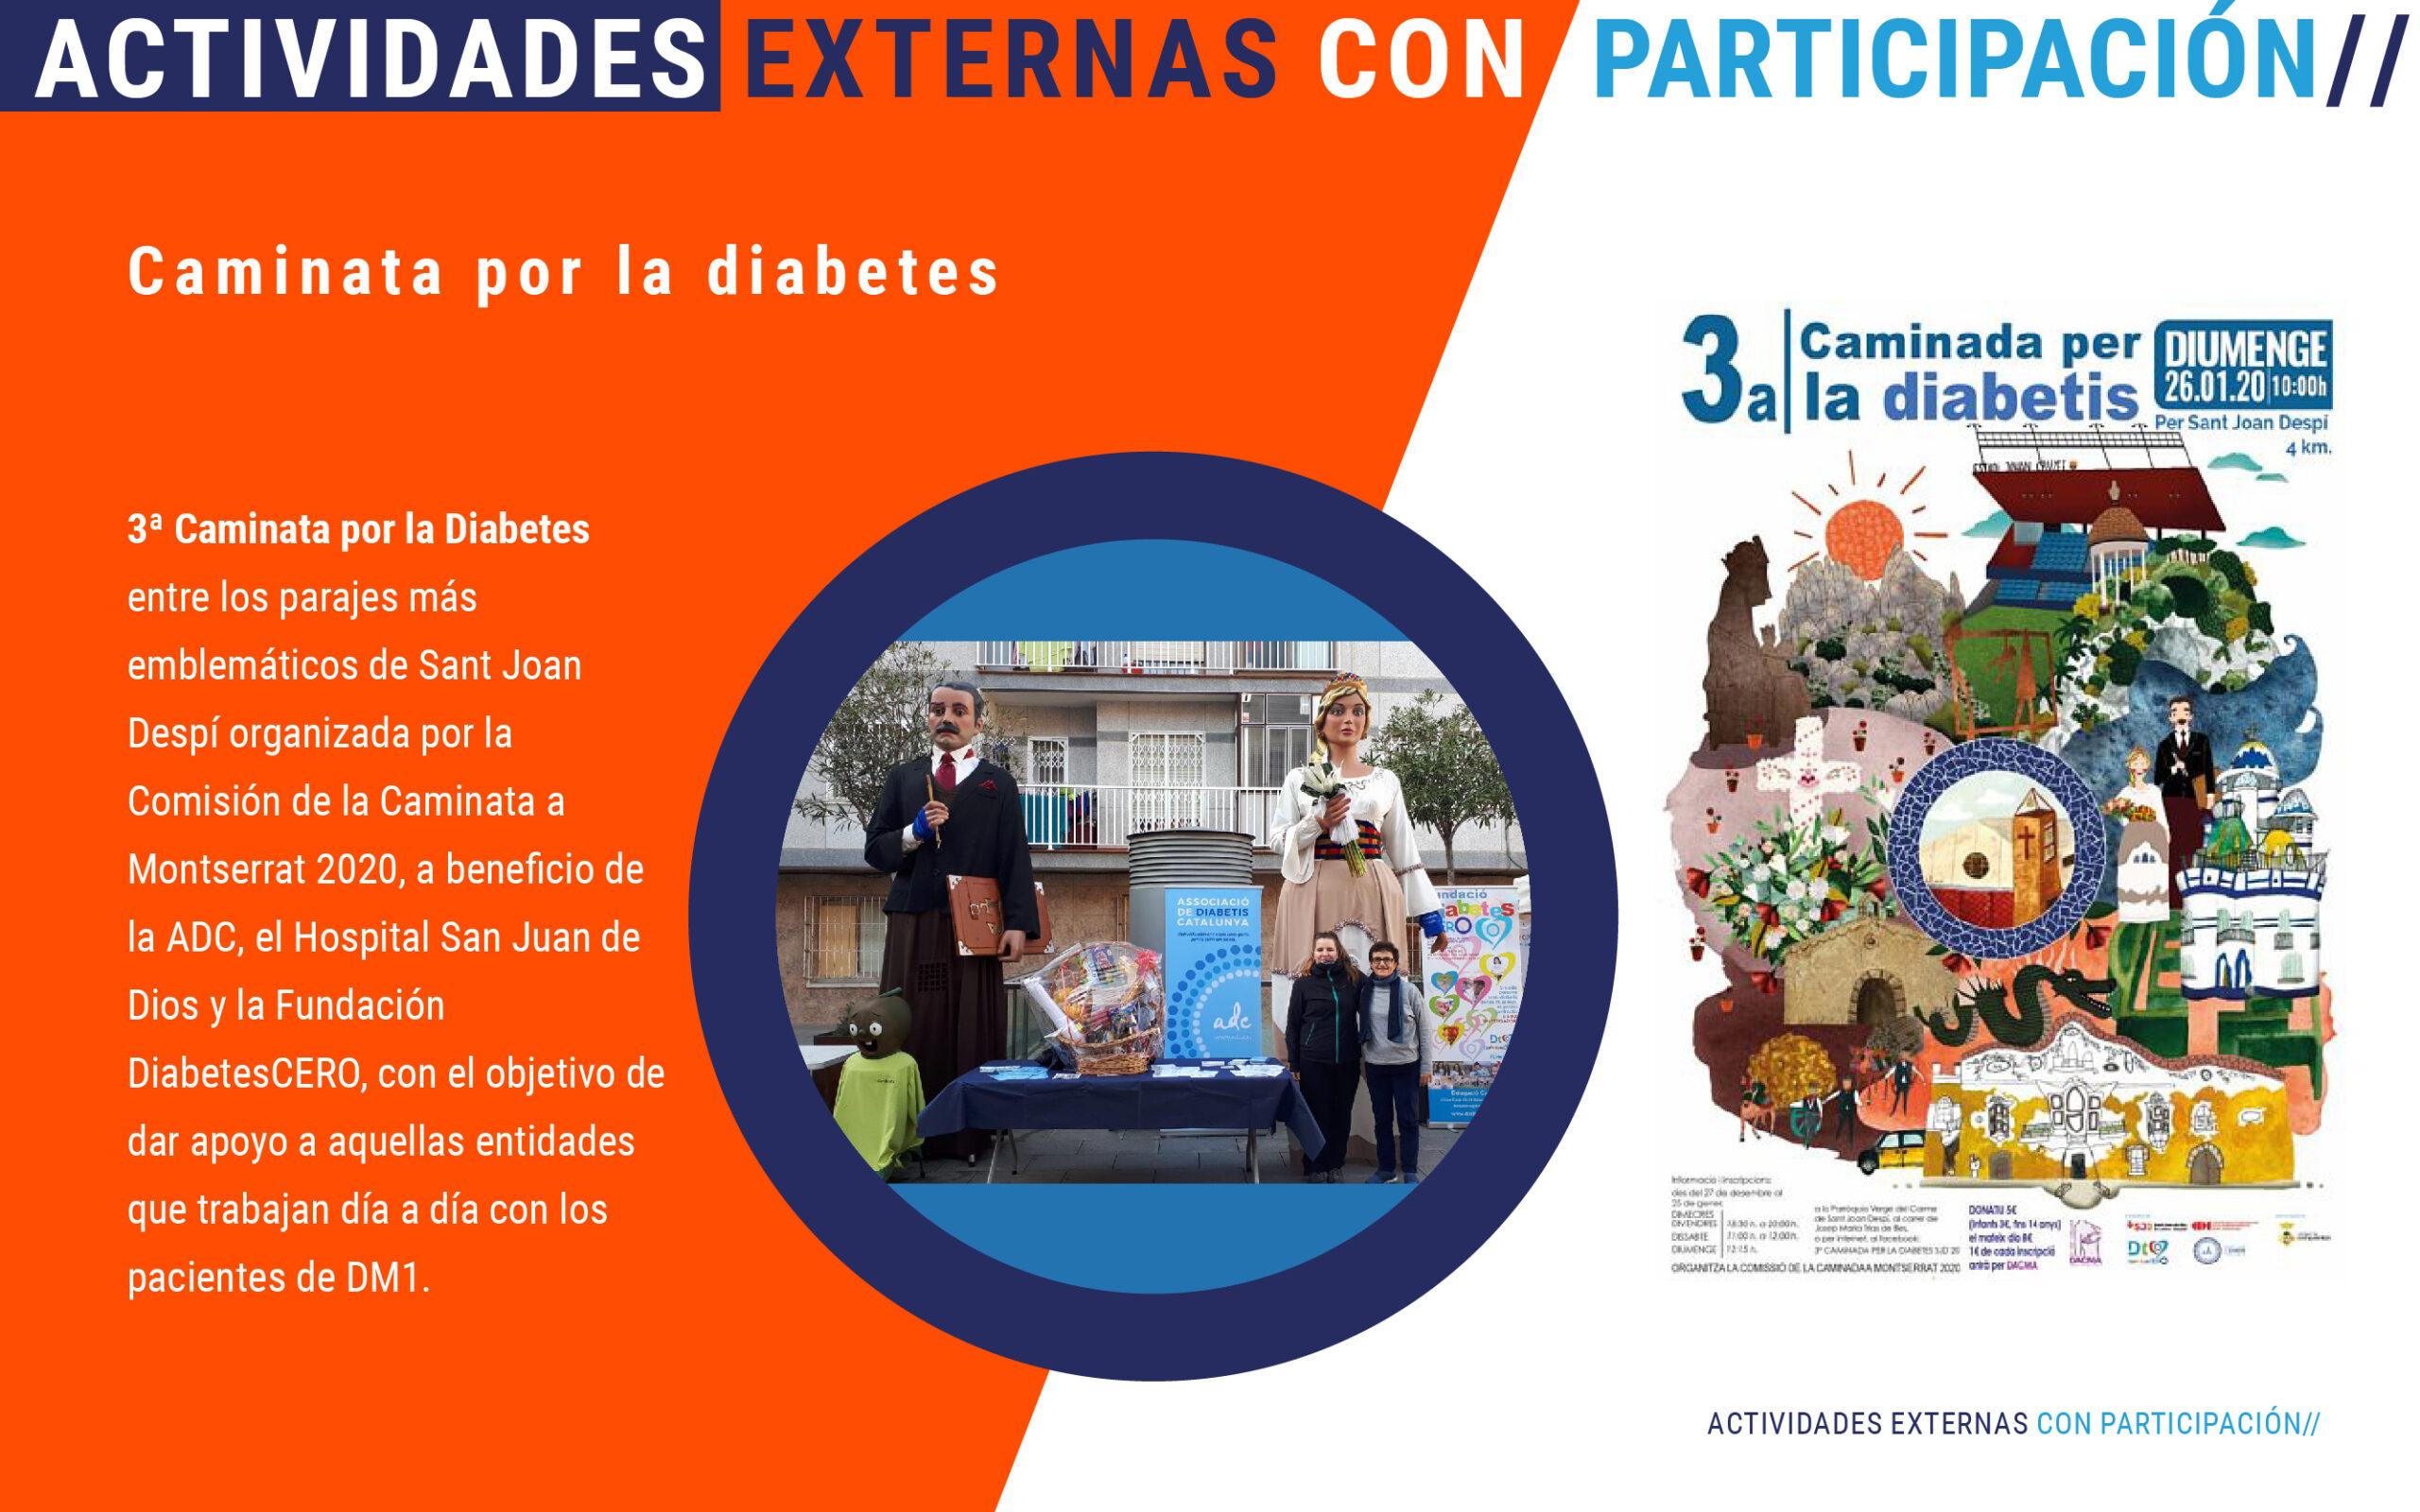 Caminada por la diabetes